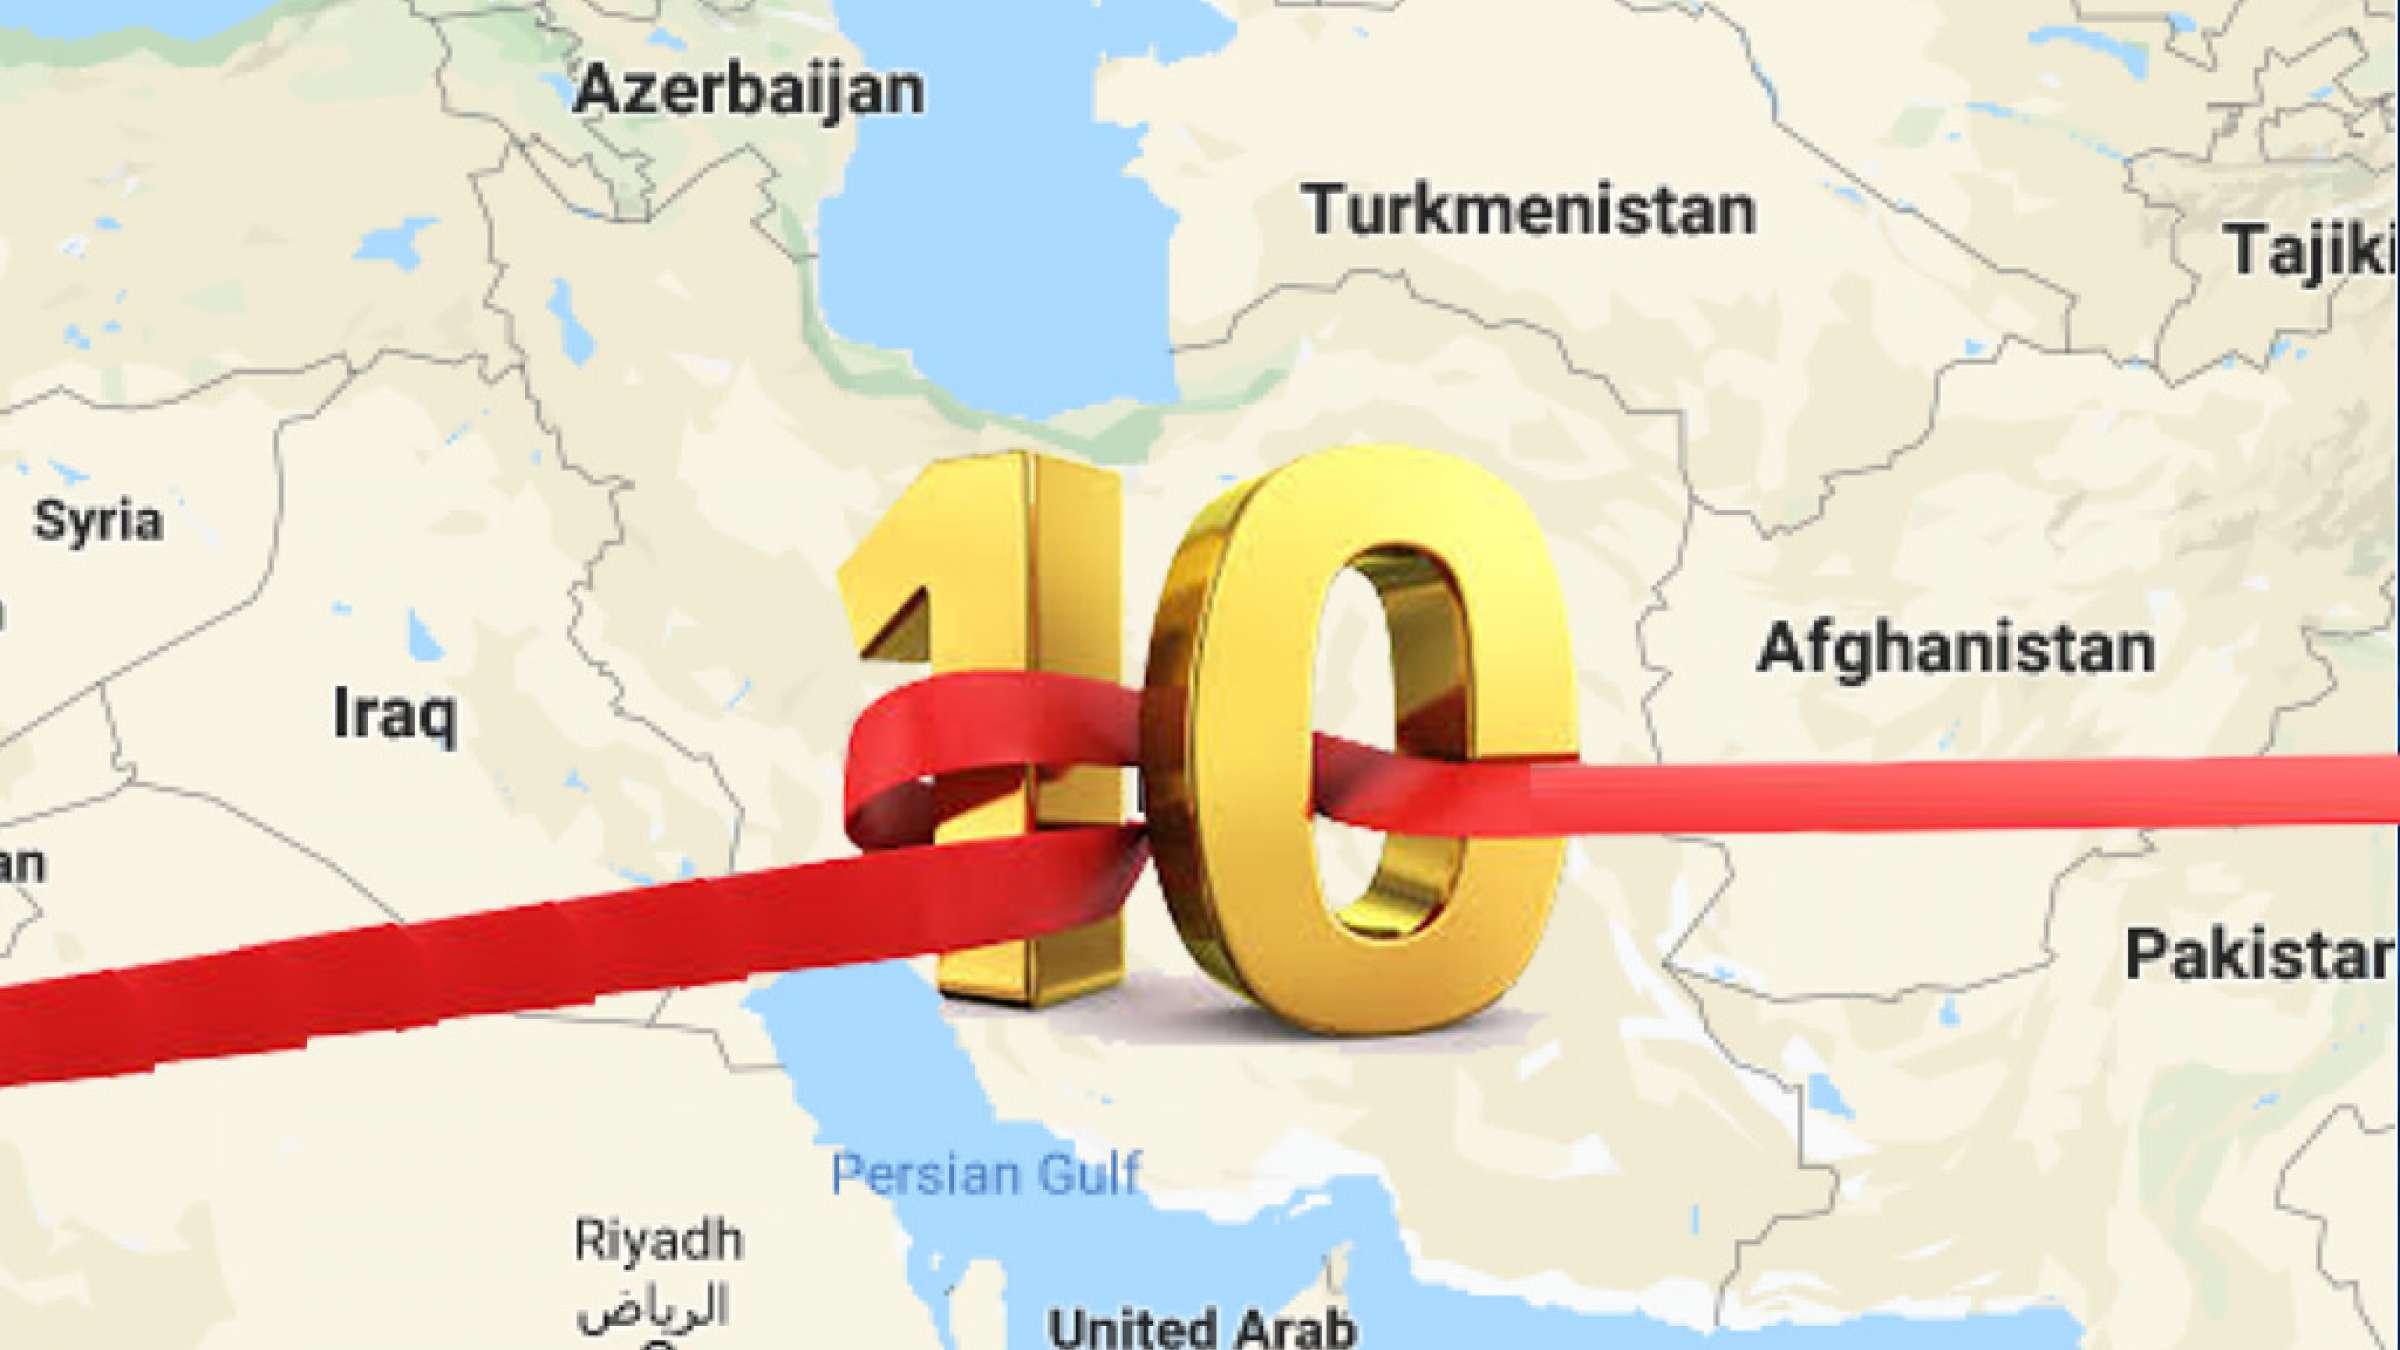 گزارش-تحلیلی-ایران-سال-بحران-سال-تحریم-سال-اعدام-حقیقت